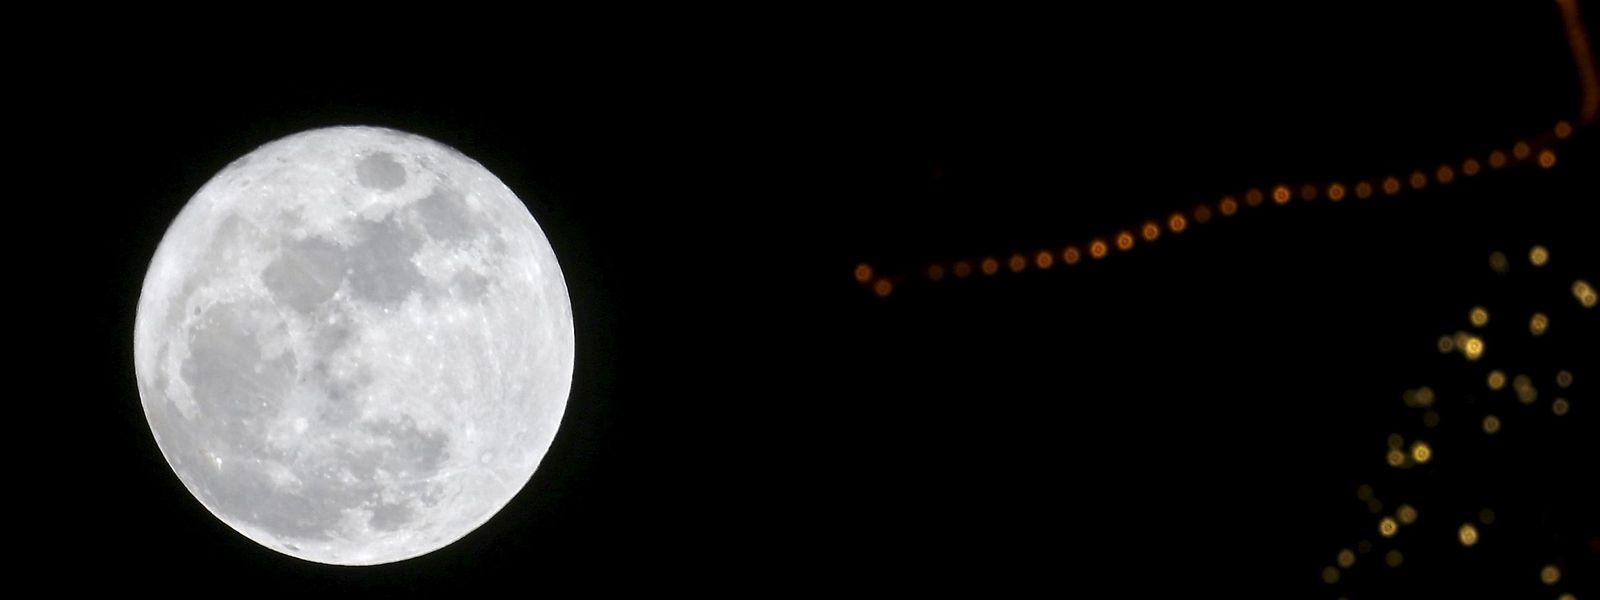 Wenn die ISS 2024 ausgedient hat, könnte sich die Esa den Mond als Sprungbrett für künftige Missionen vorstellen.